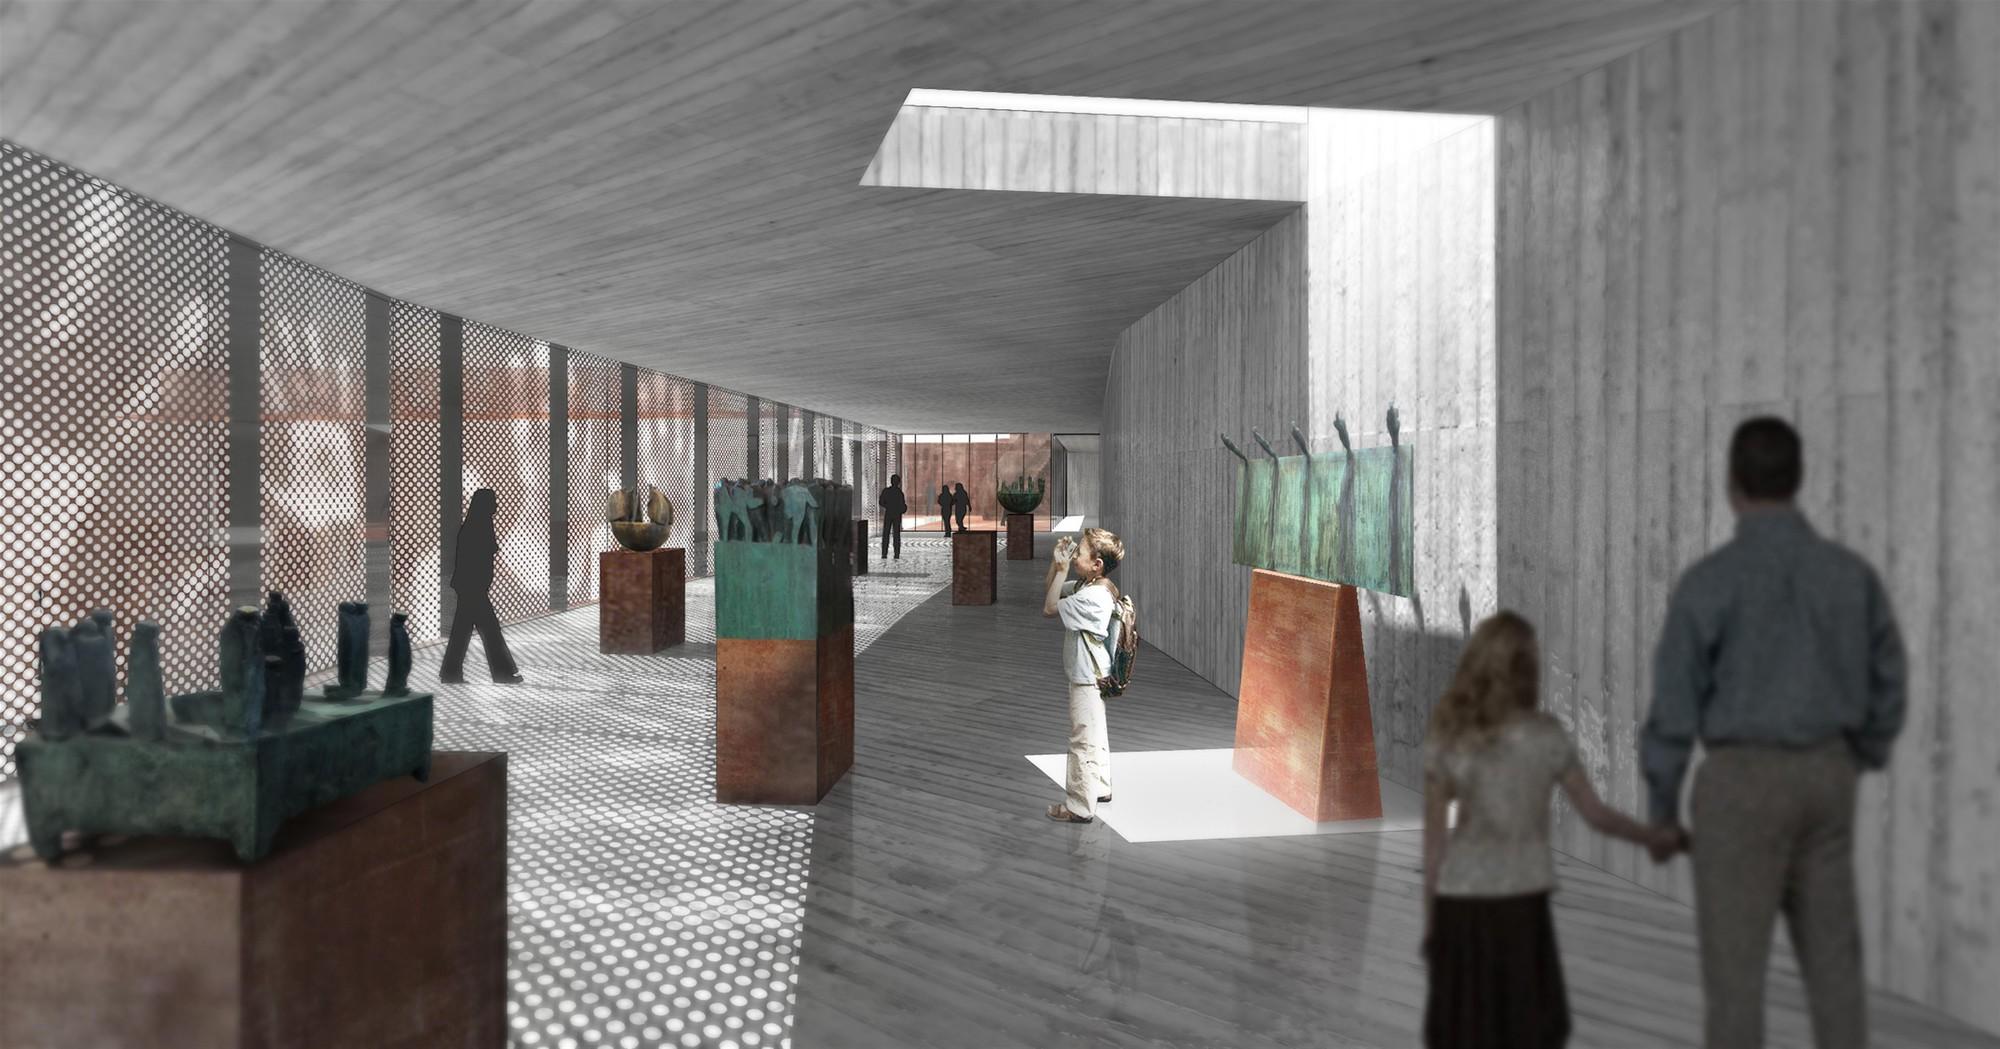 Interior de Galería. Image Cortesia de ELEMENTAL